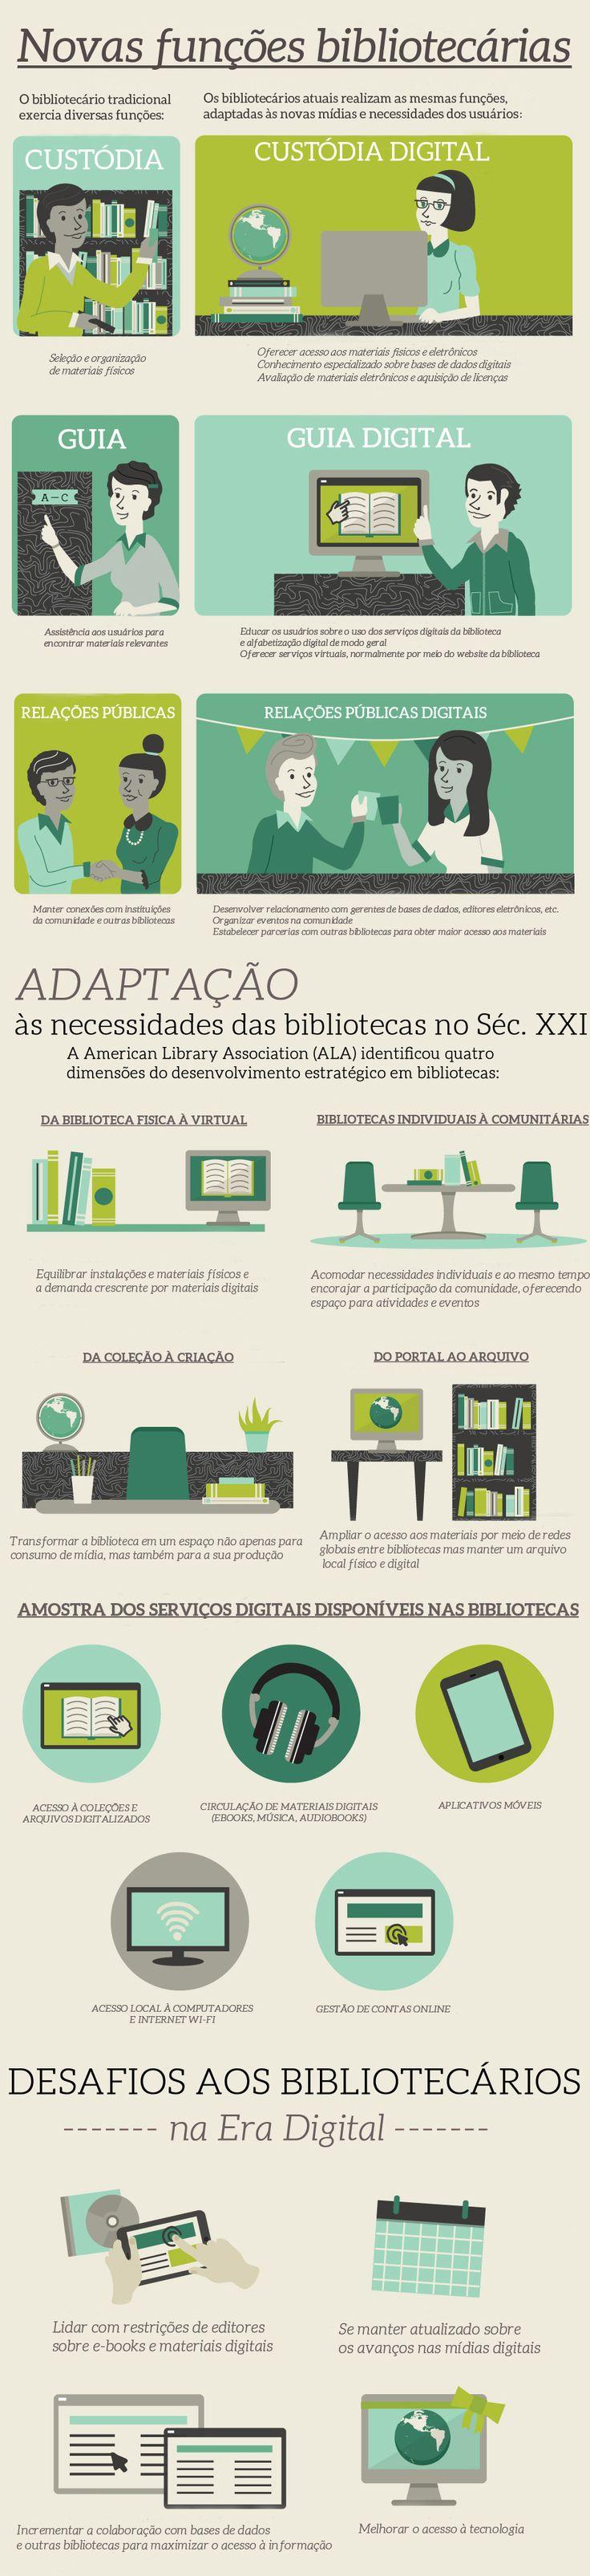 As novas funções dos bibliotecários na era digital | Bibliotecários Sem Fronteiras